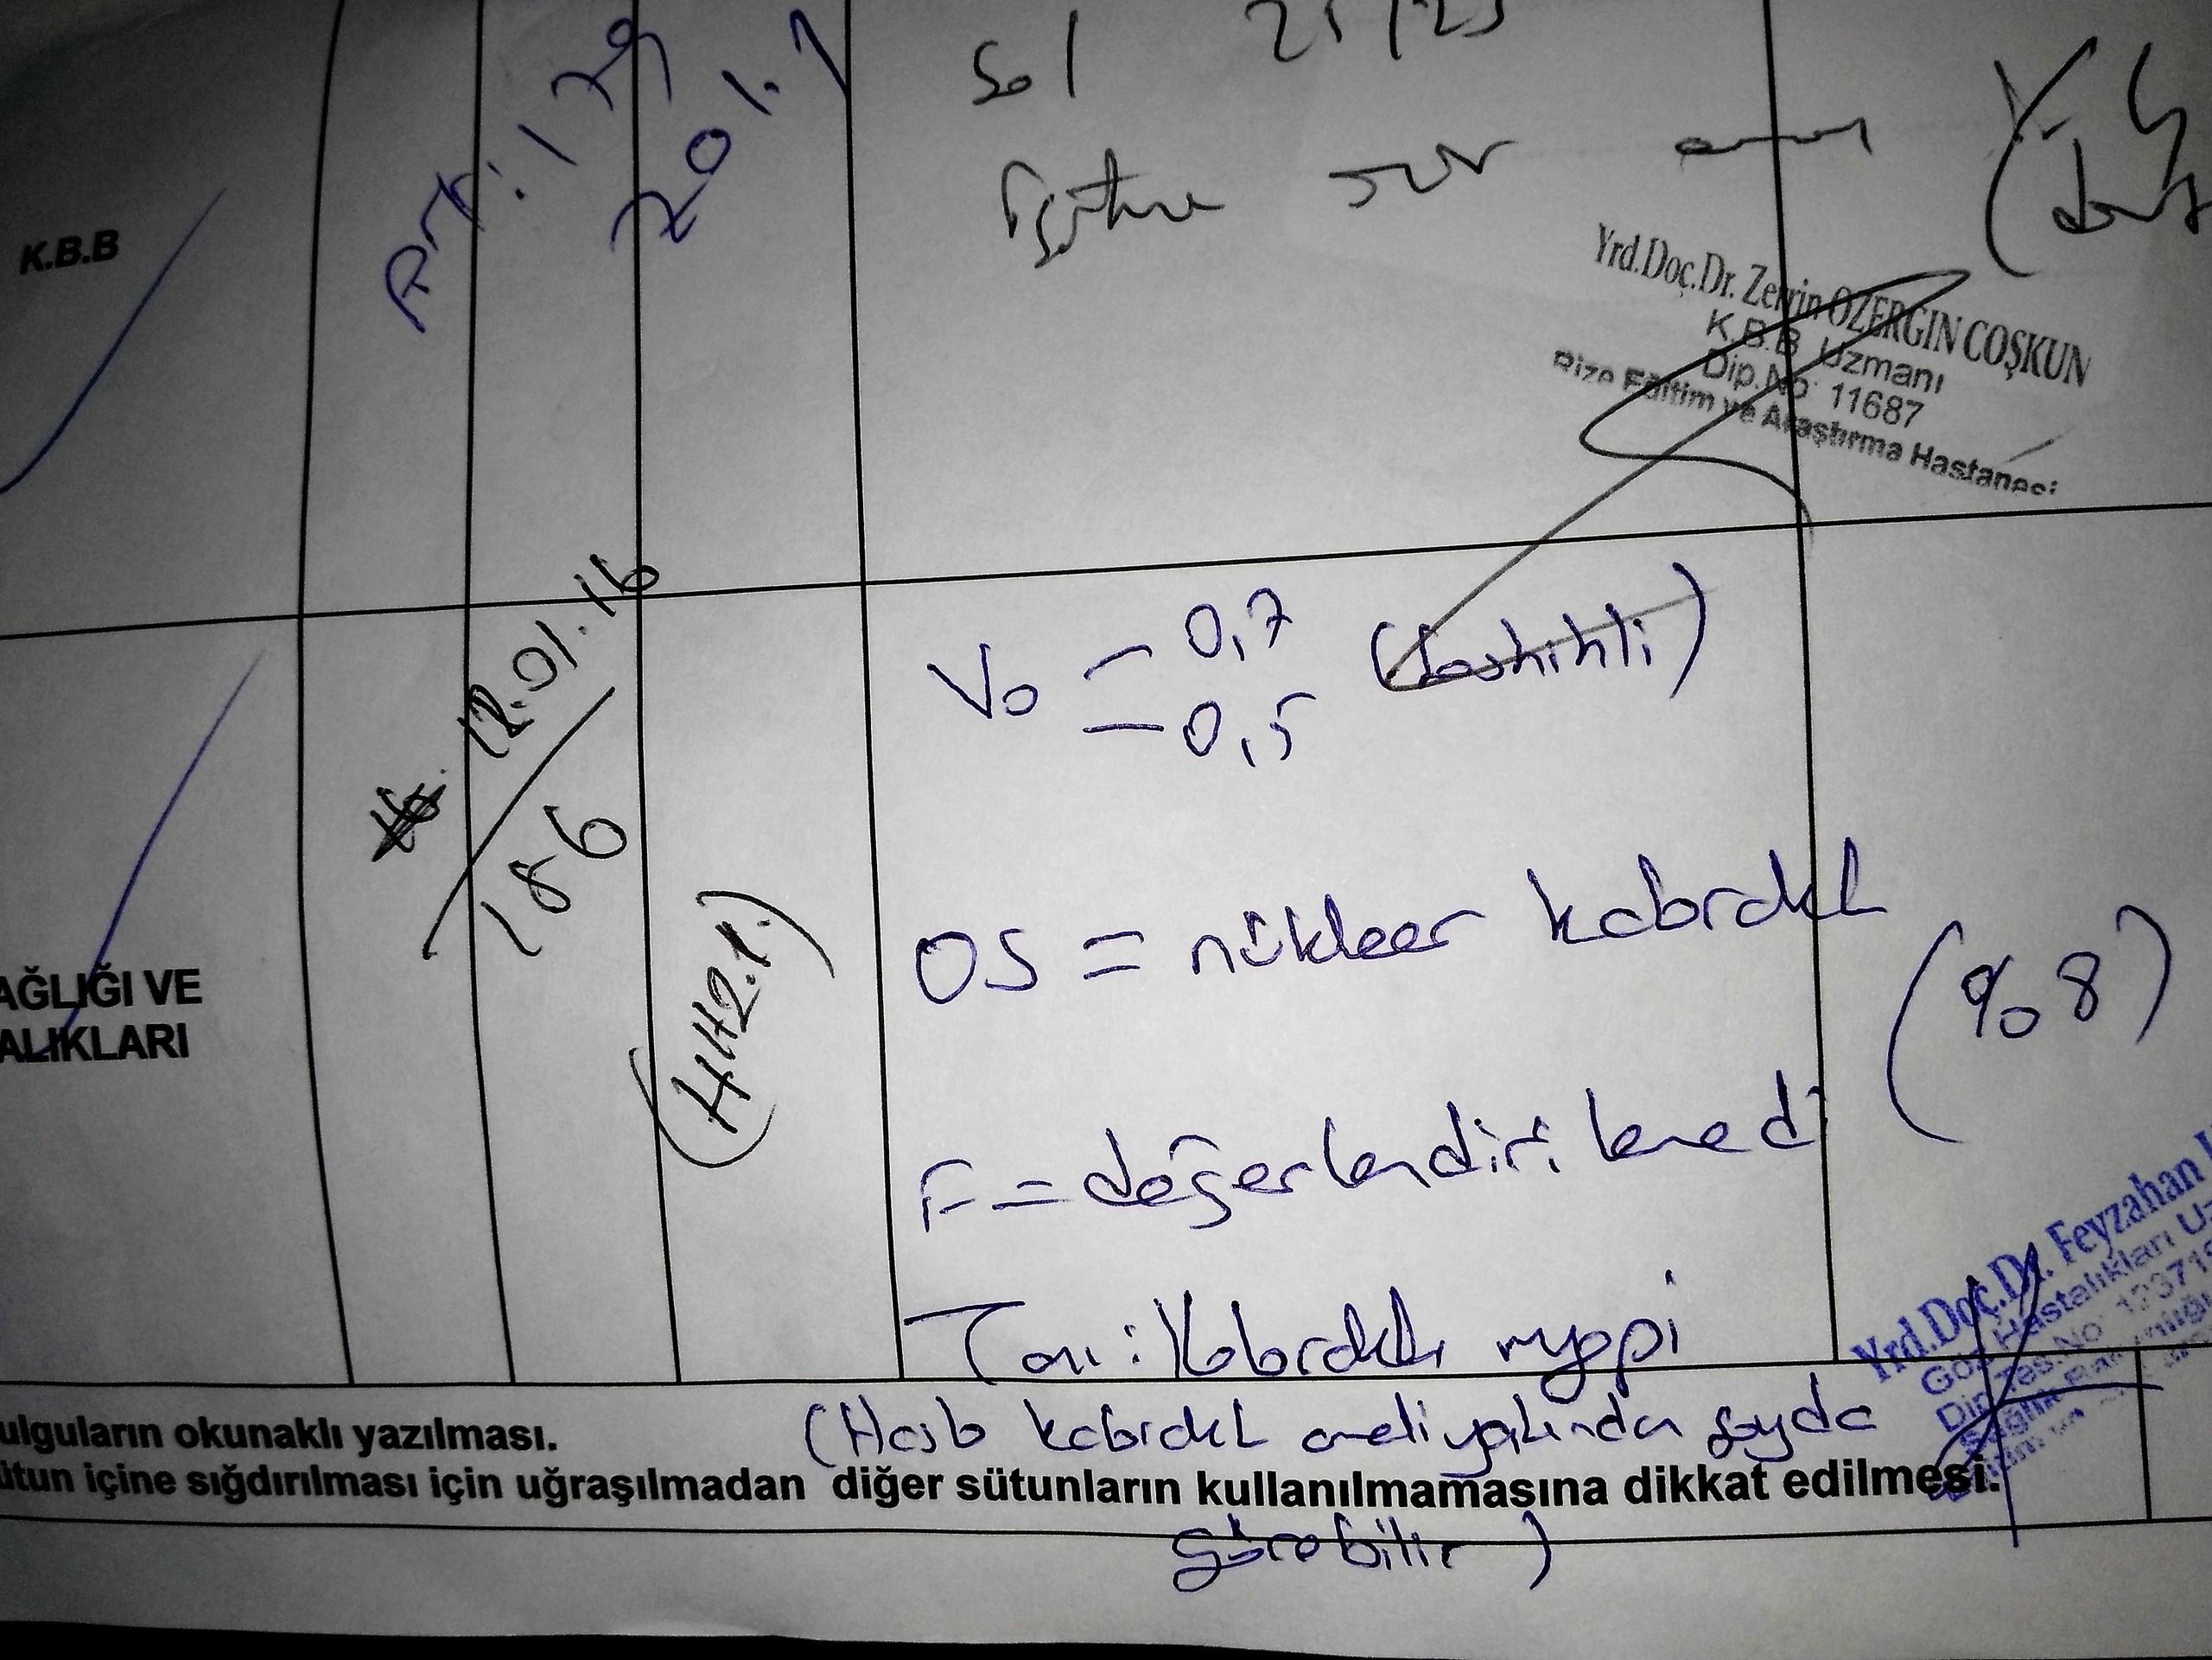 Nrpal5 - Babamın rahatsızlıklarından dolayı ÖTV indirimi için yeterli oranda rapor..?